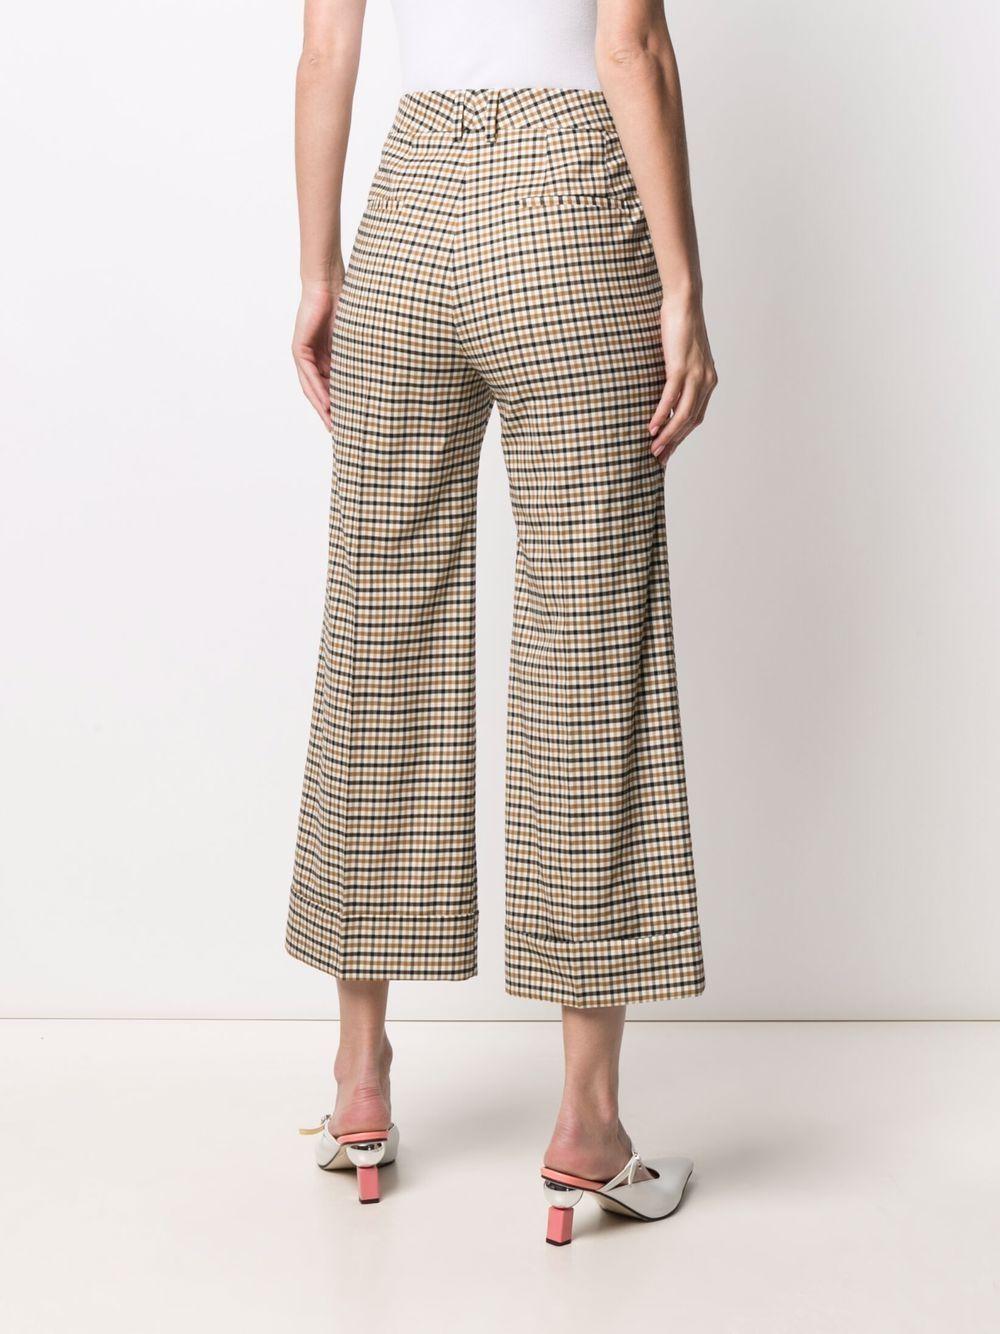 Pantaloni cropped beige e neri in lana vergine con motivo check ALBERTO BIANI   Pantaloni   CC842-WO215364